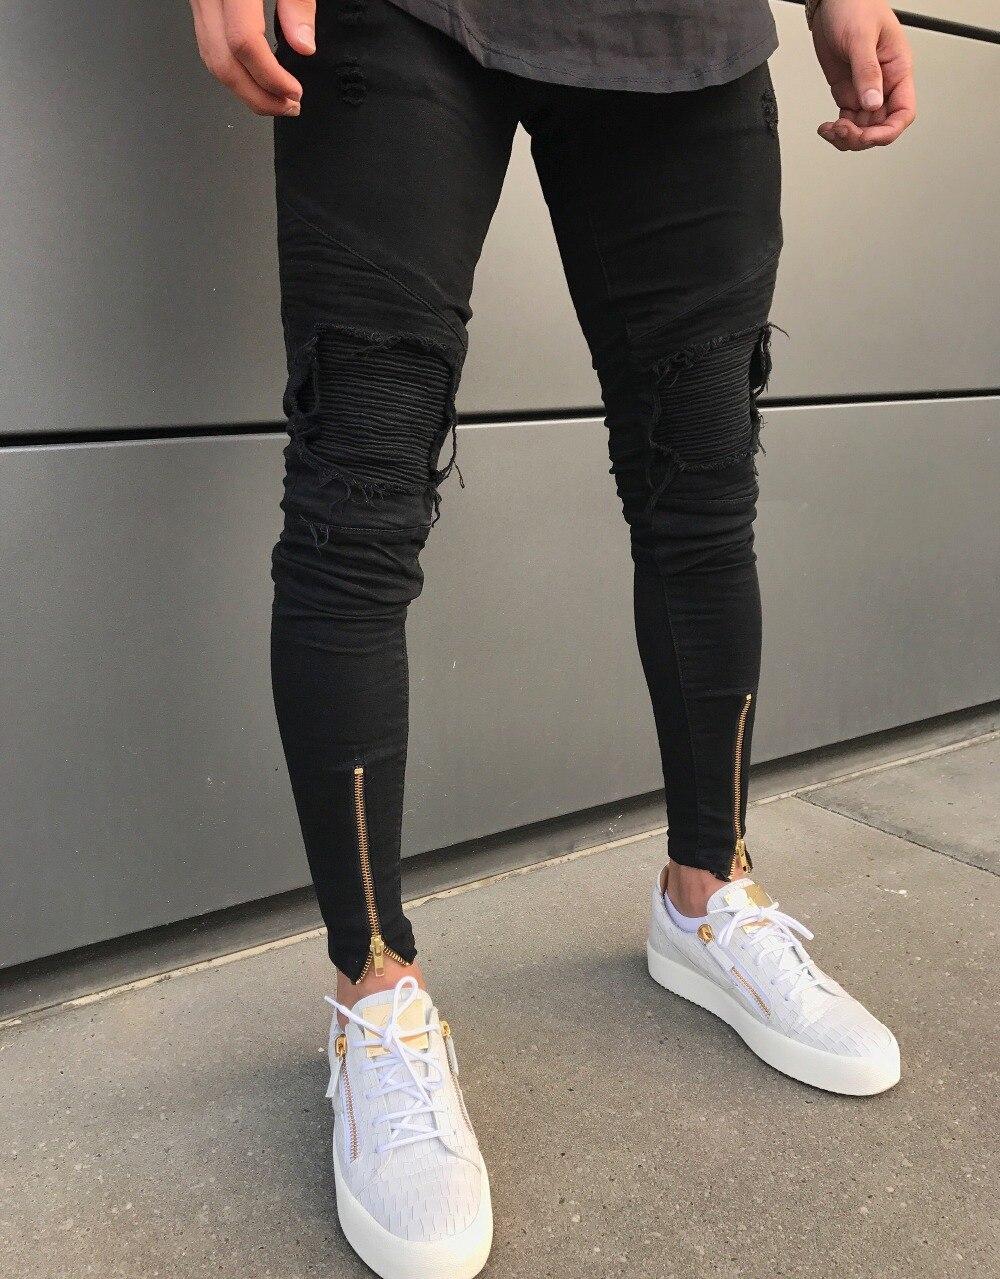 fcbdbbc758a Aliexpress.com: Comprar 2018 nuevos pantalones vaqueros rasgados con  agujeros con cremallera skinny biker jeans negro blanco con patchwork  plisado slim fit ...